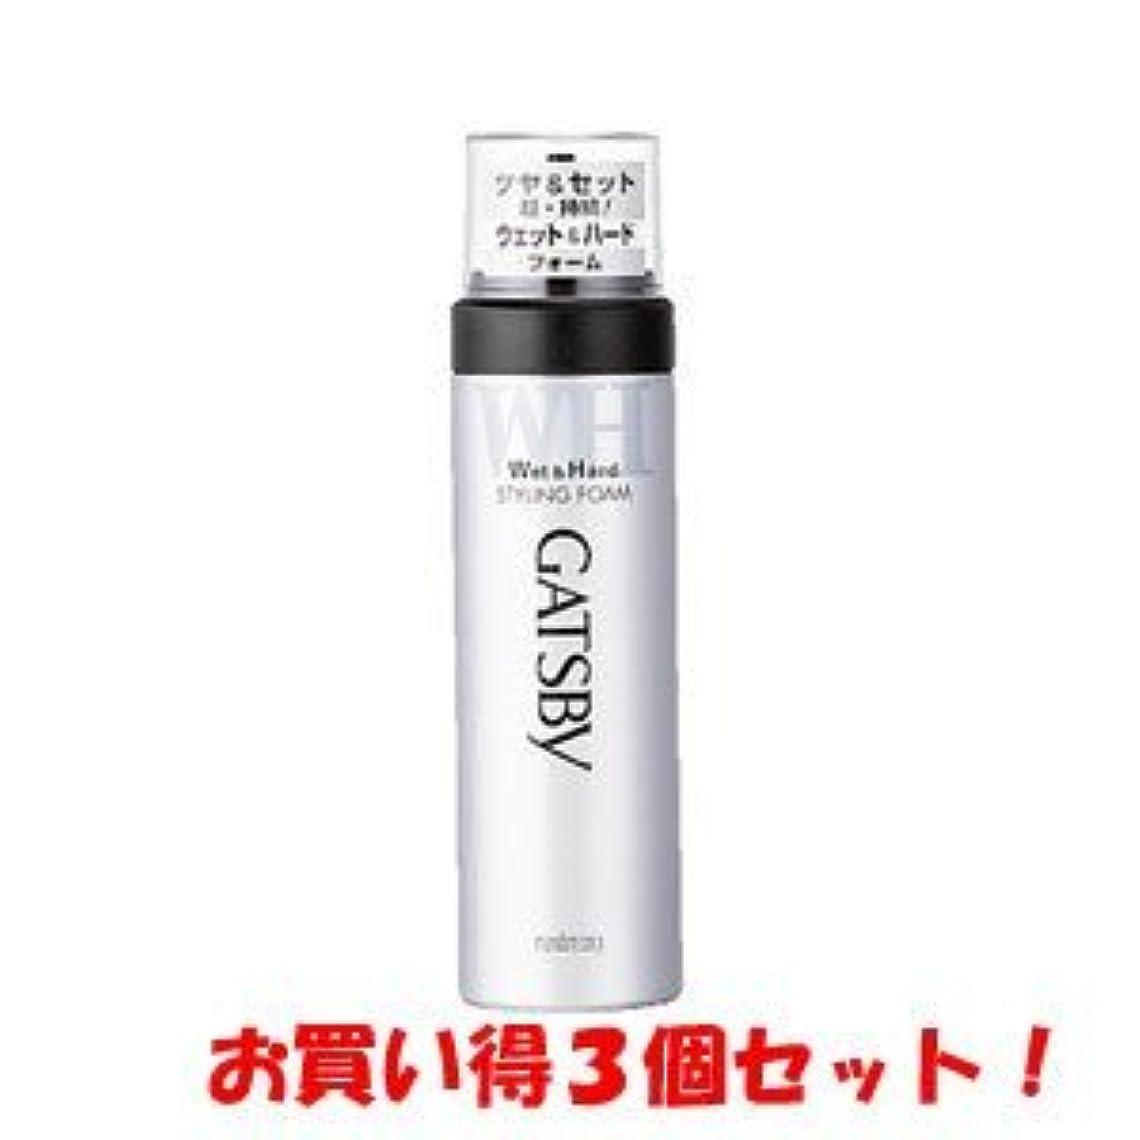 電気の迷路繁雑ギャツビー【GATSBY】スタイリングフォーム ウェット&ハード 185g(お買い得3個セット)